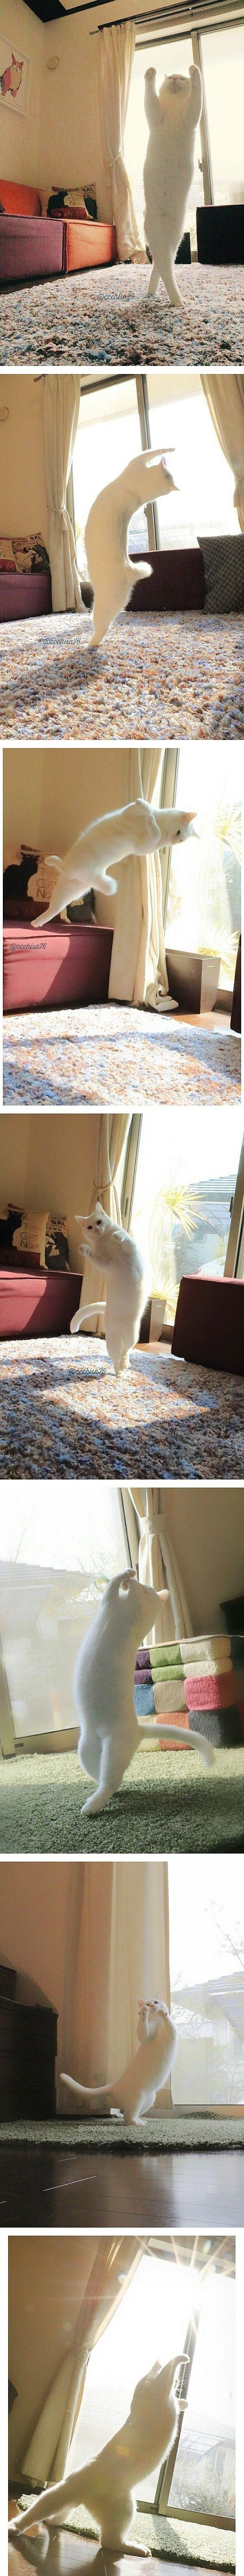 고양이로 환생한 발레리나-1.jpg